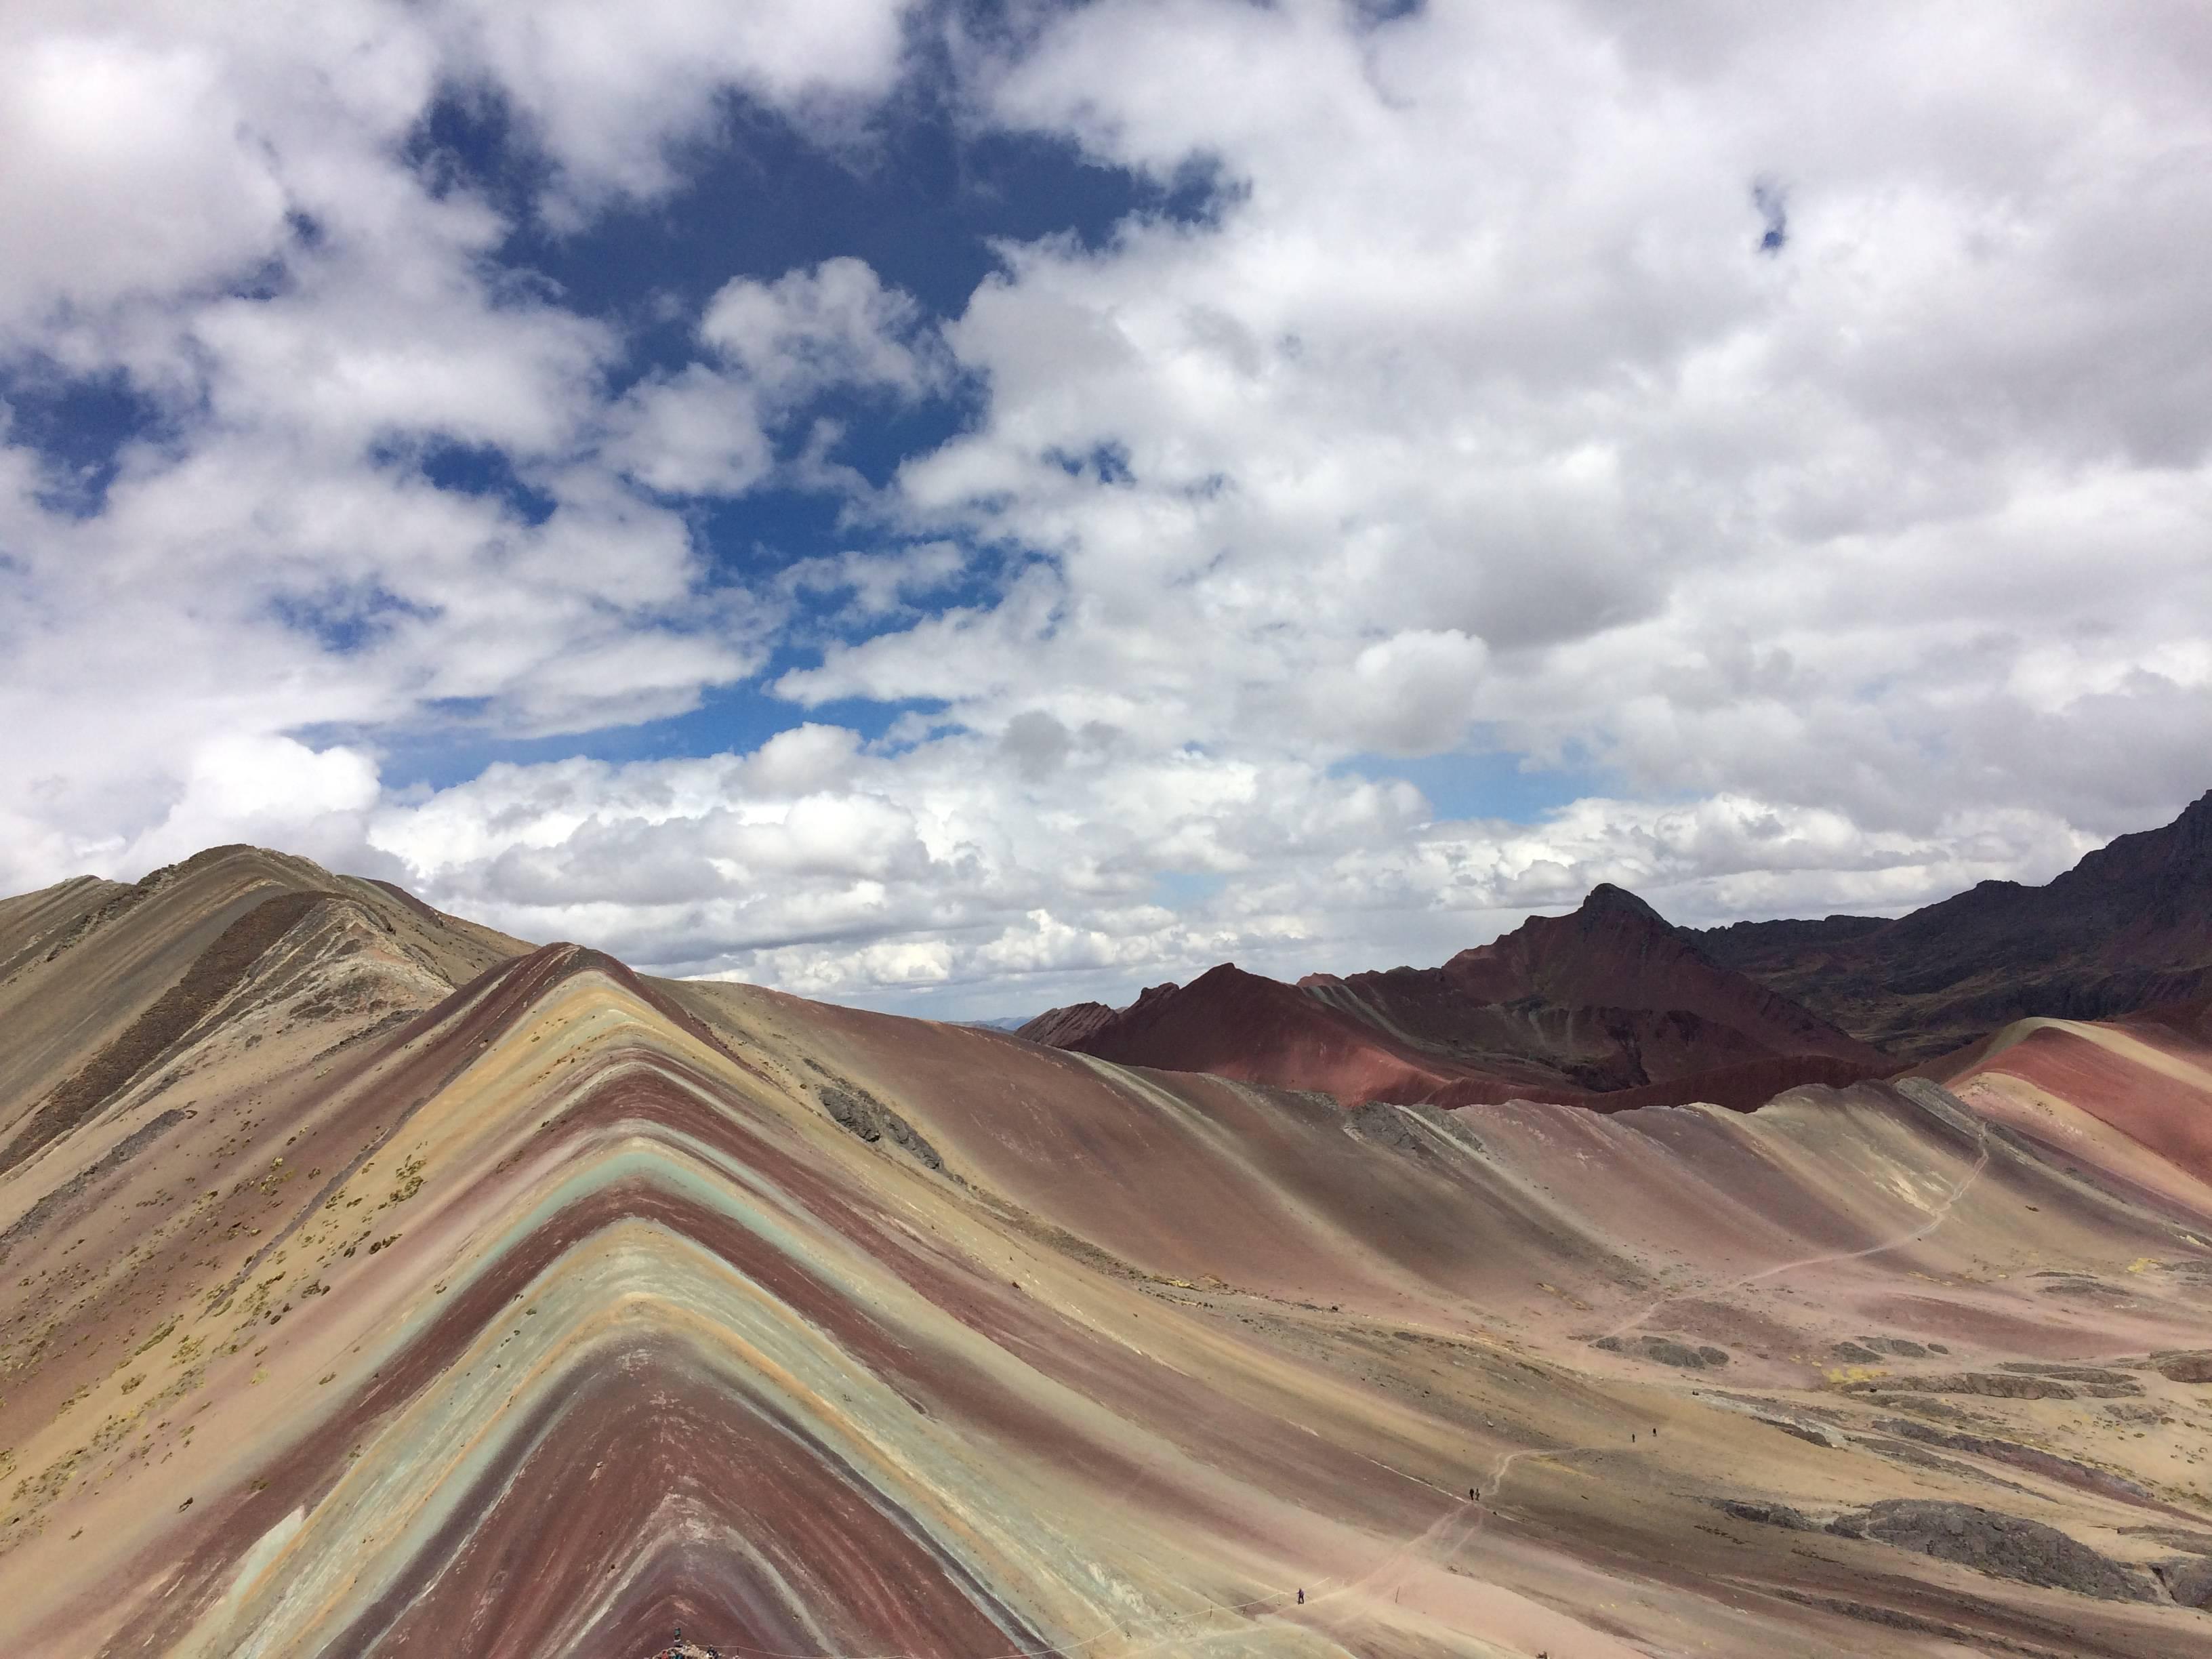 Photo 1: the Rainbow Mountain